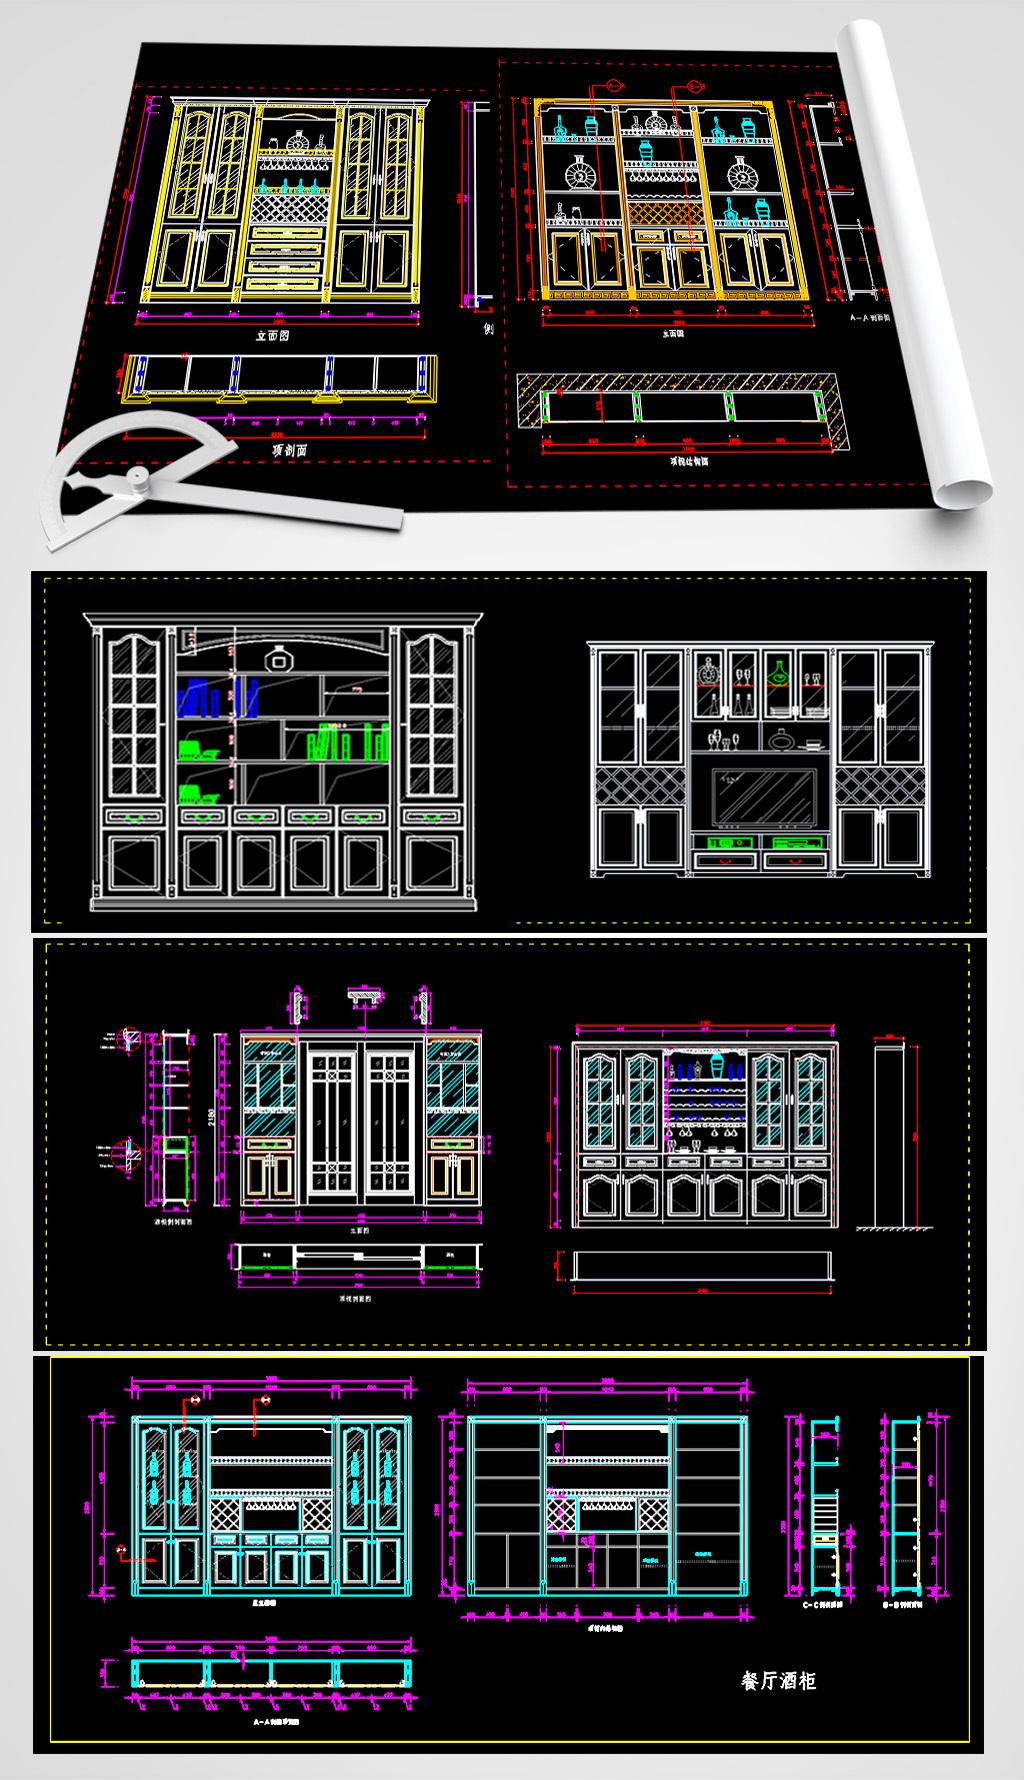 全屋定制CAD酒柜平面图书柜CAD图库